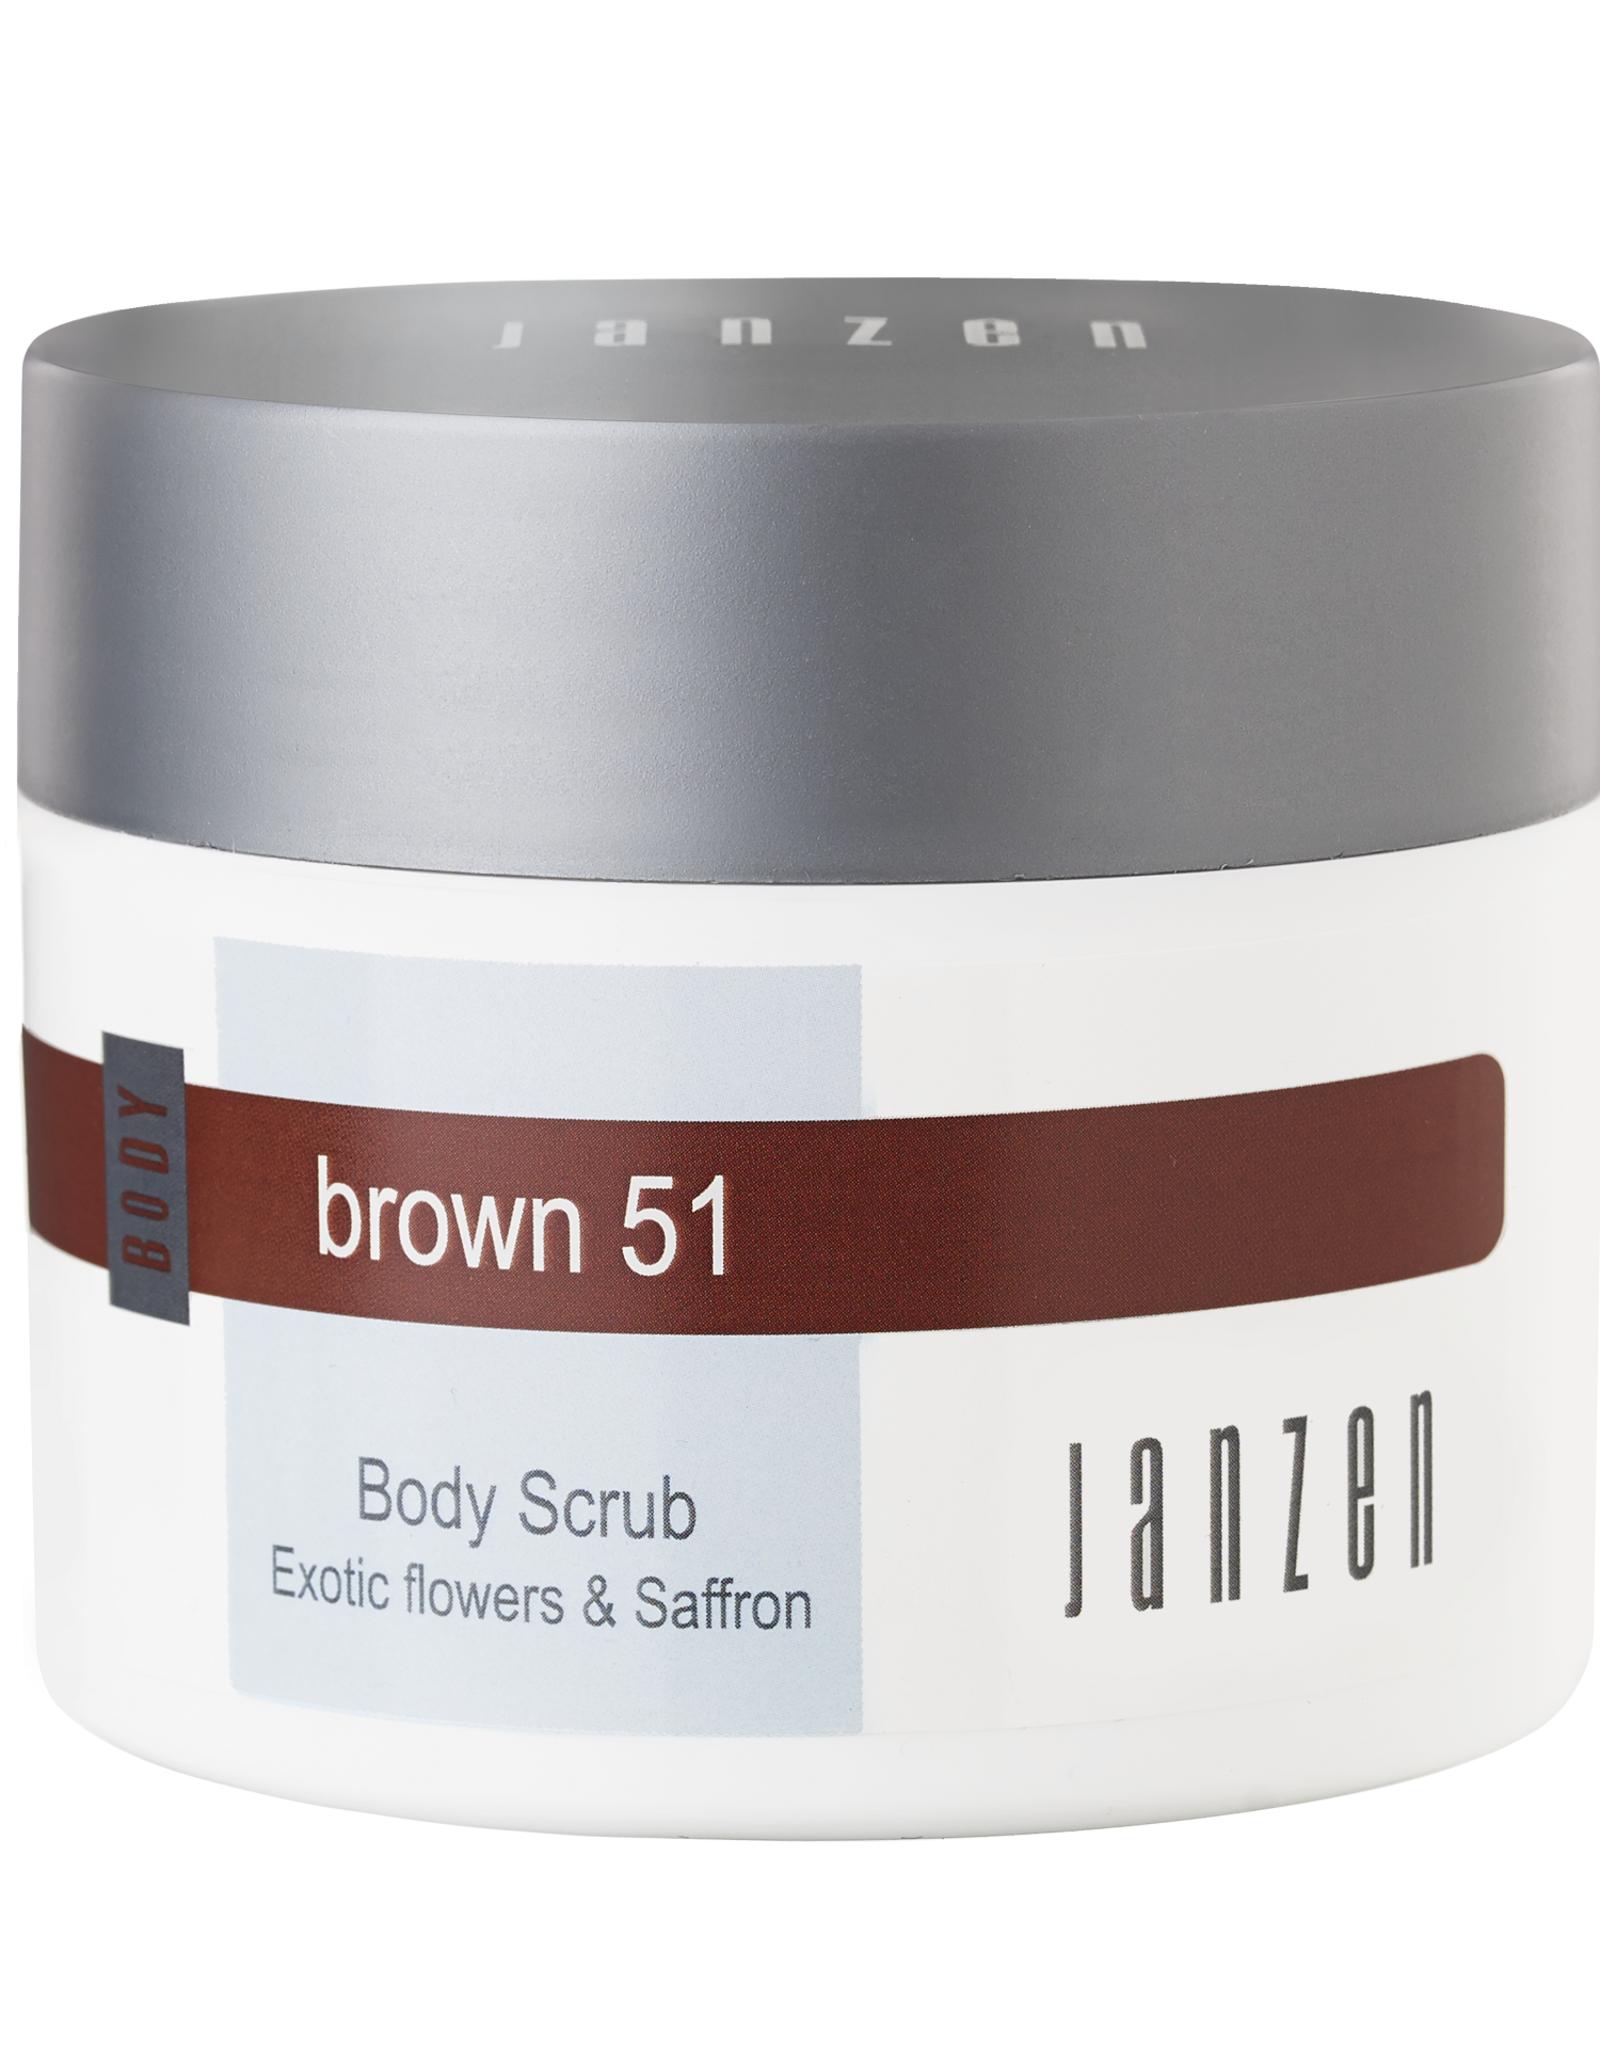 JANZEN Body Scrub Brown 51 200ml - JANZEN